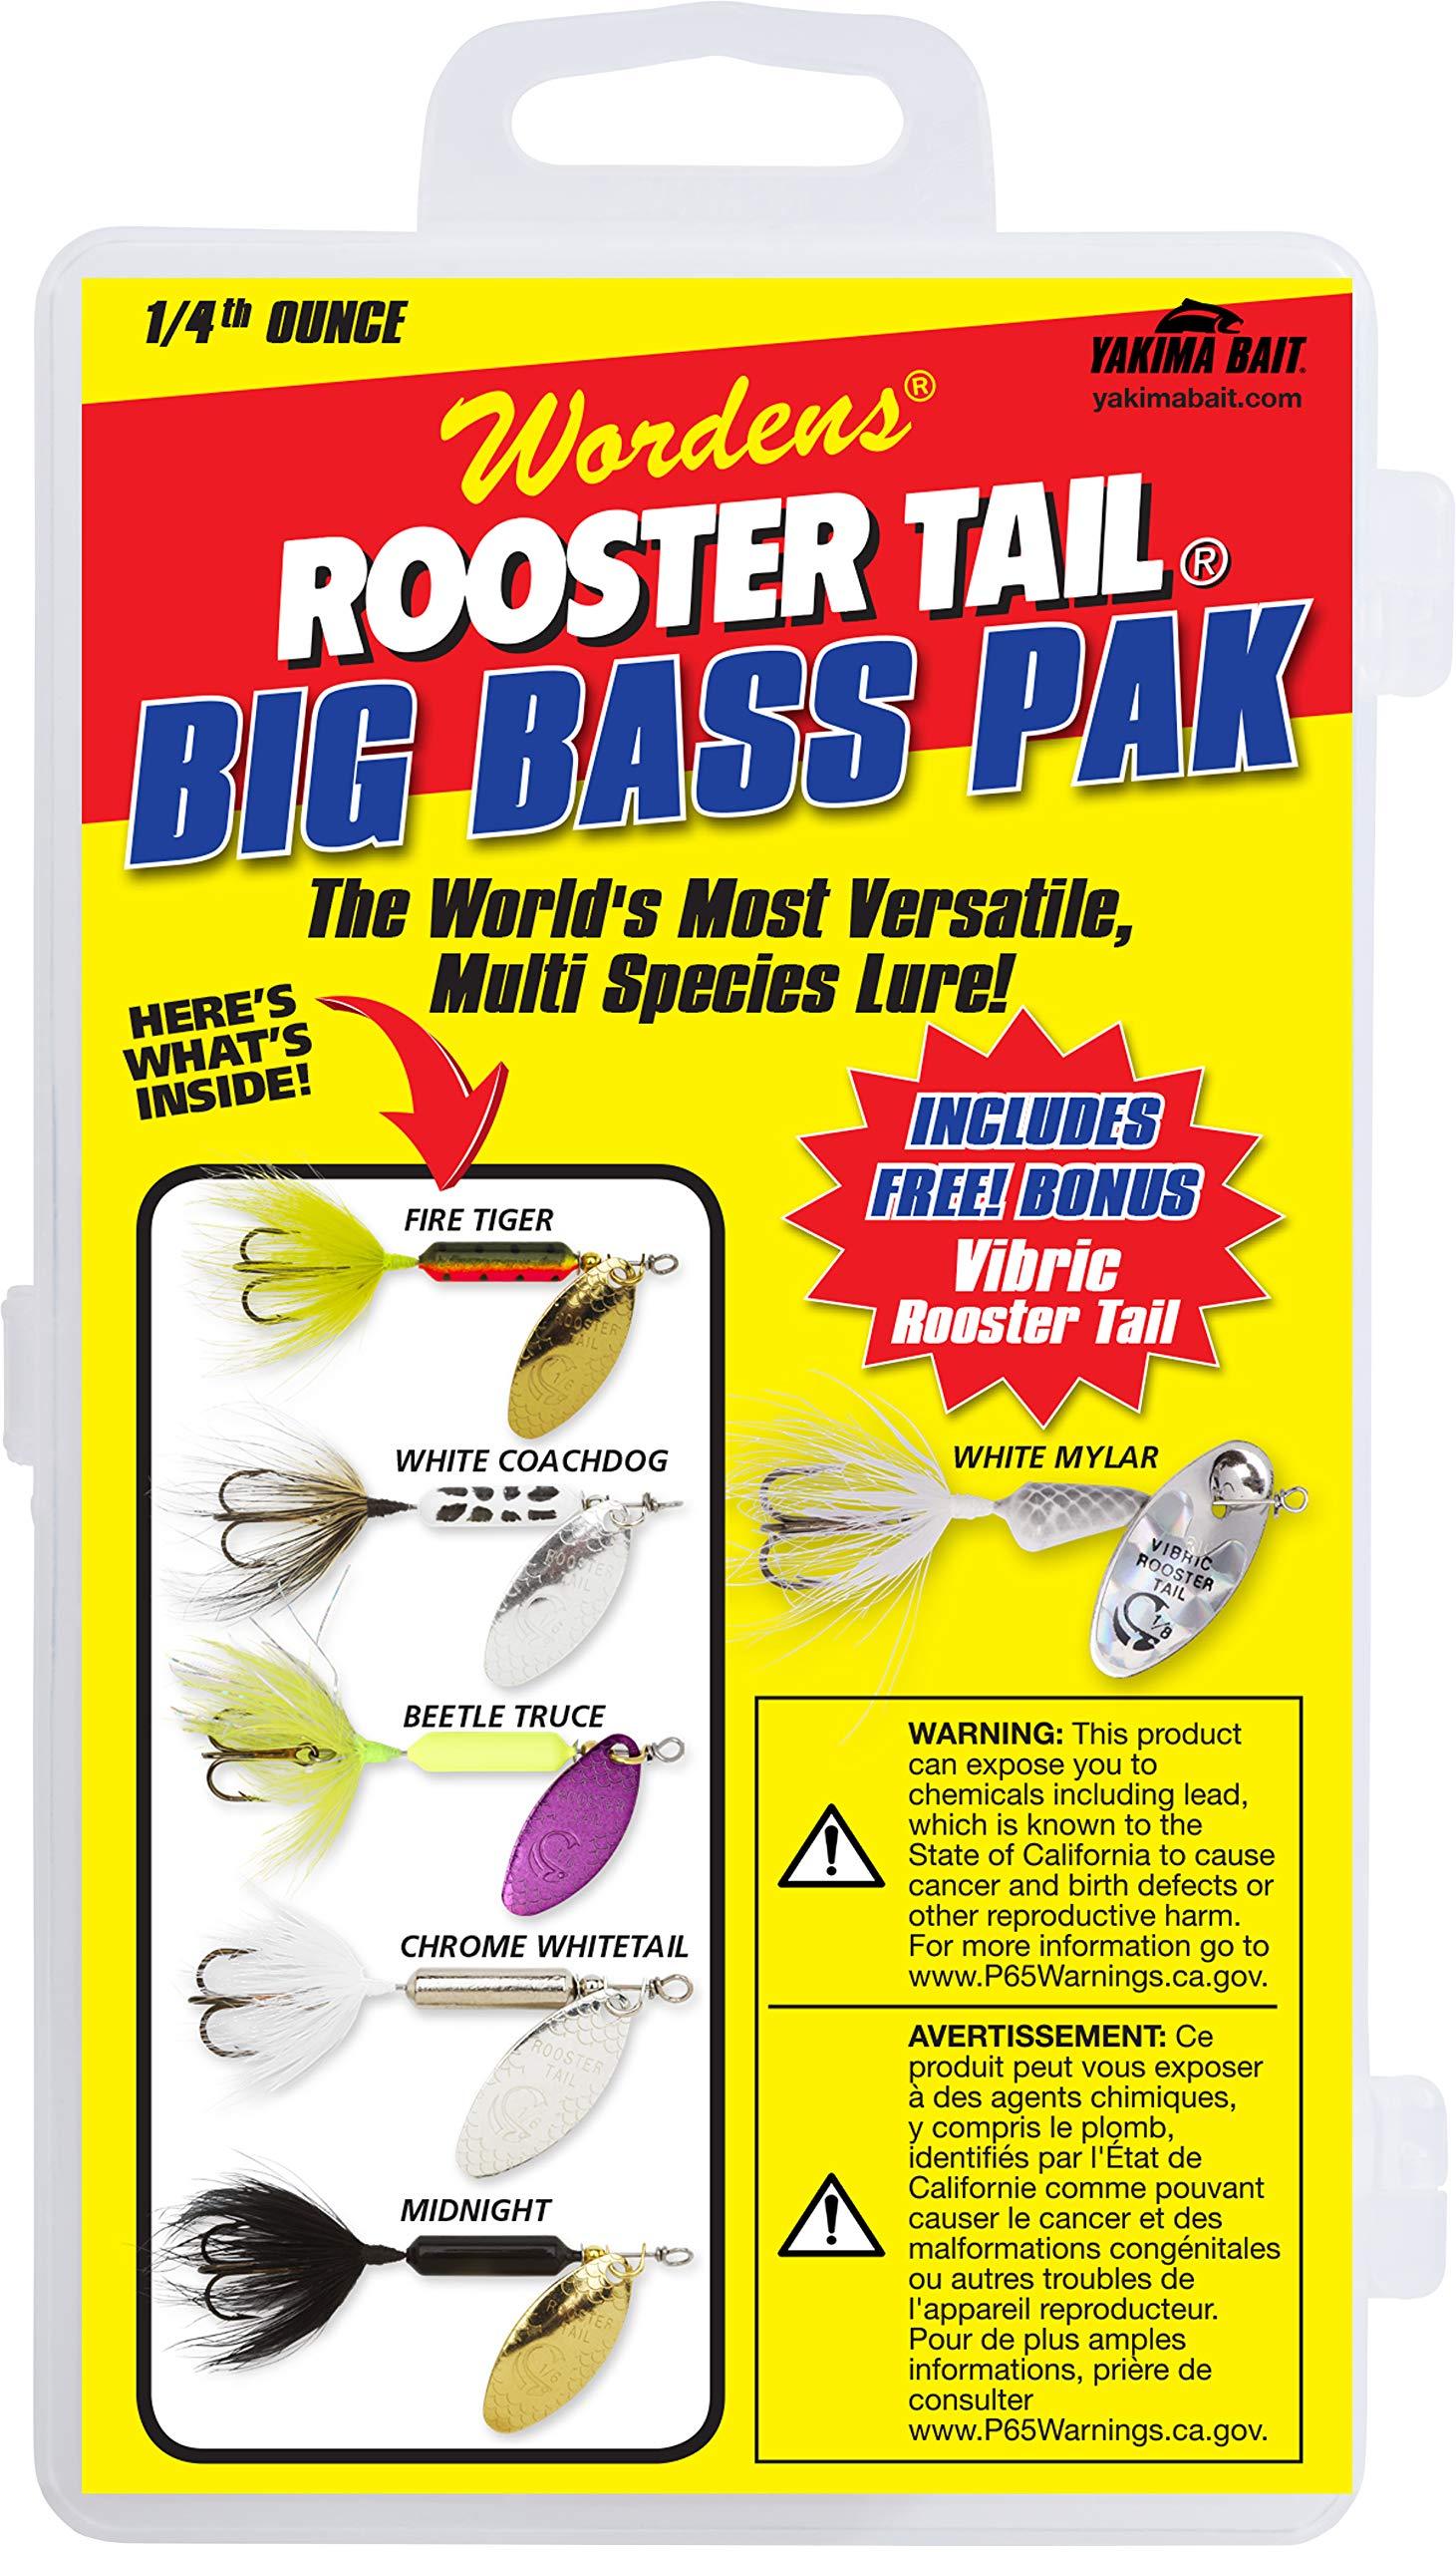 Yakima Bait Rooster Tail 1/4oz Box Kit-Big Bass Pak Mix by Yakima Bait